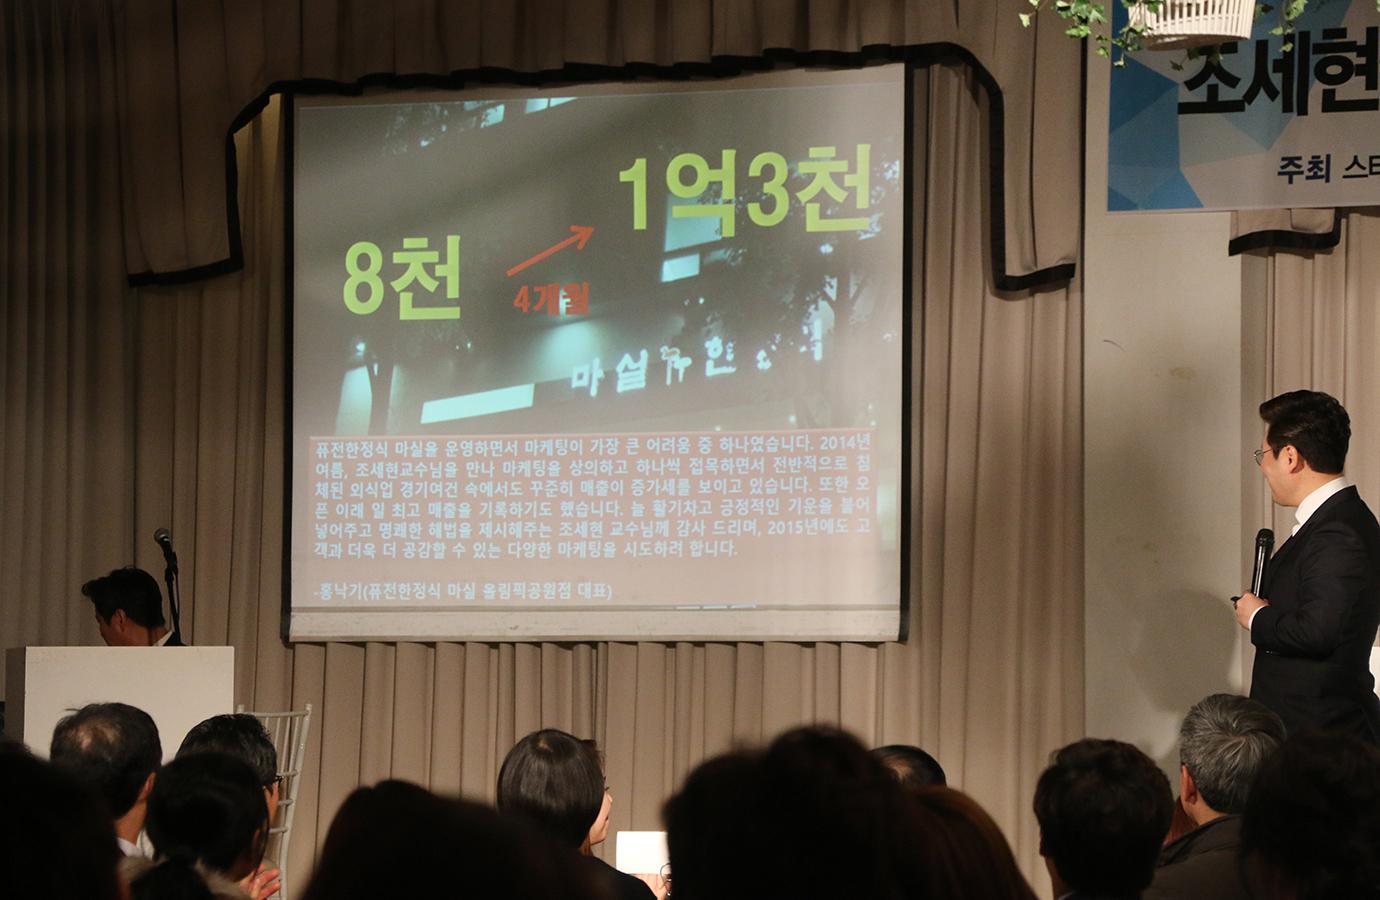 스토리 마케팅으로 매출 상승한 사례 강의